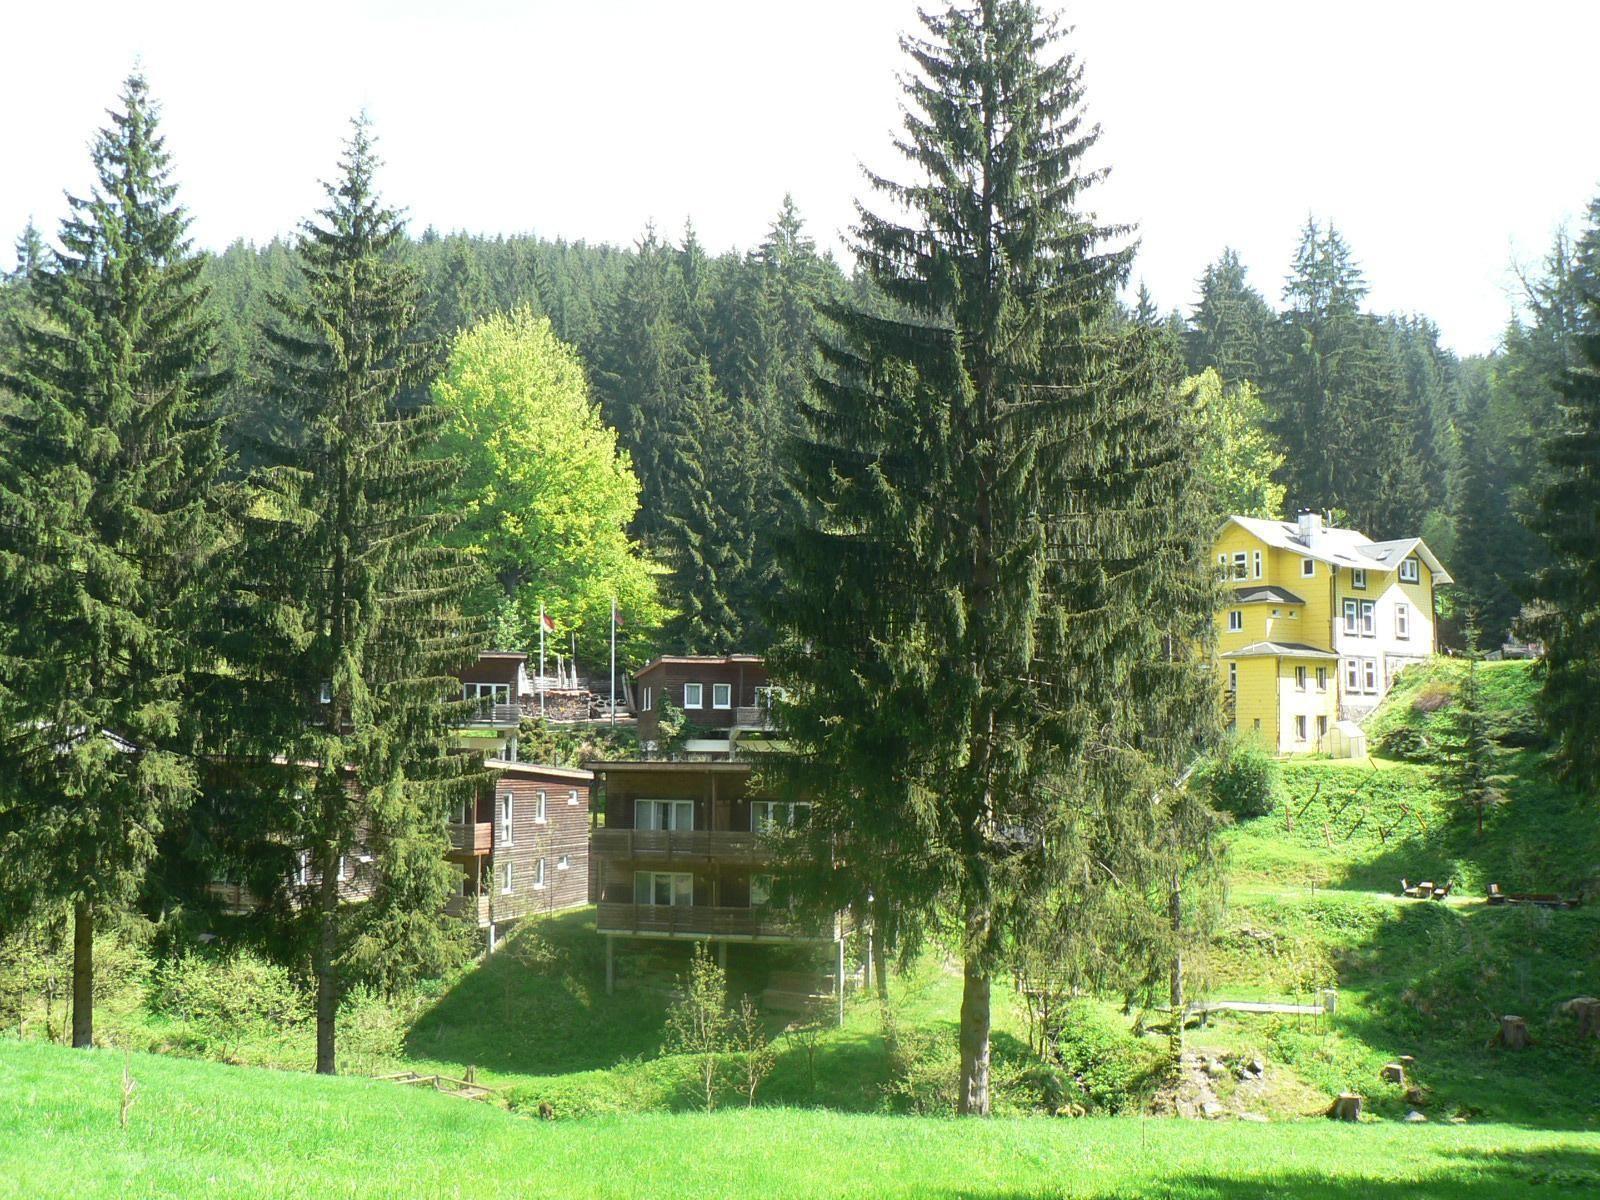 Ferienhaus für 6 Personen ca. 96 m² in A